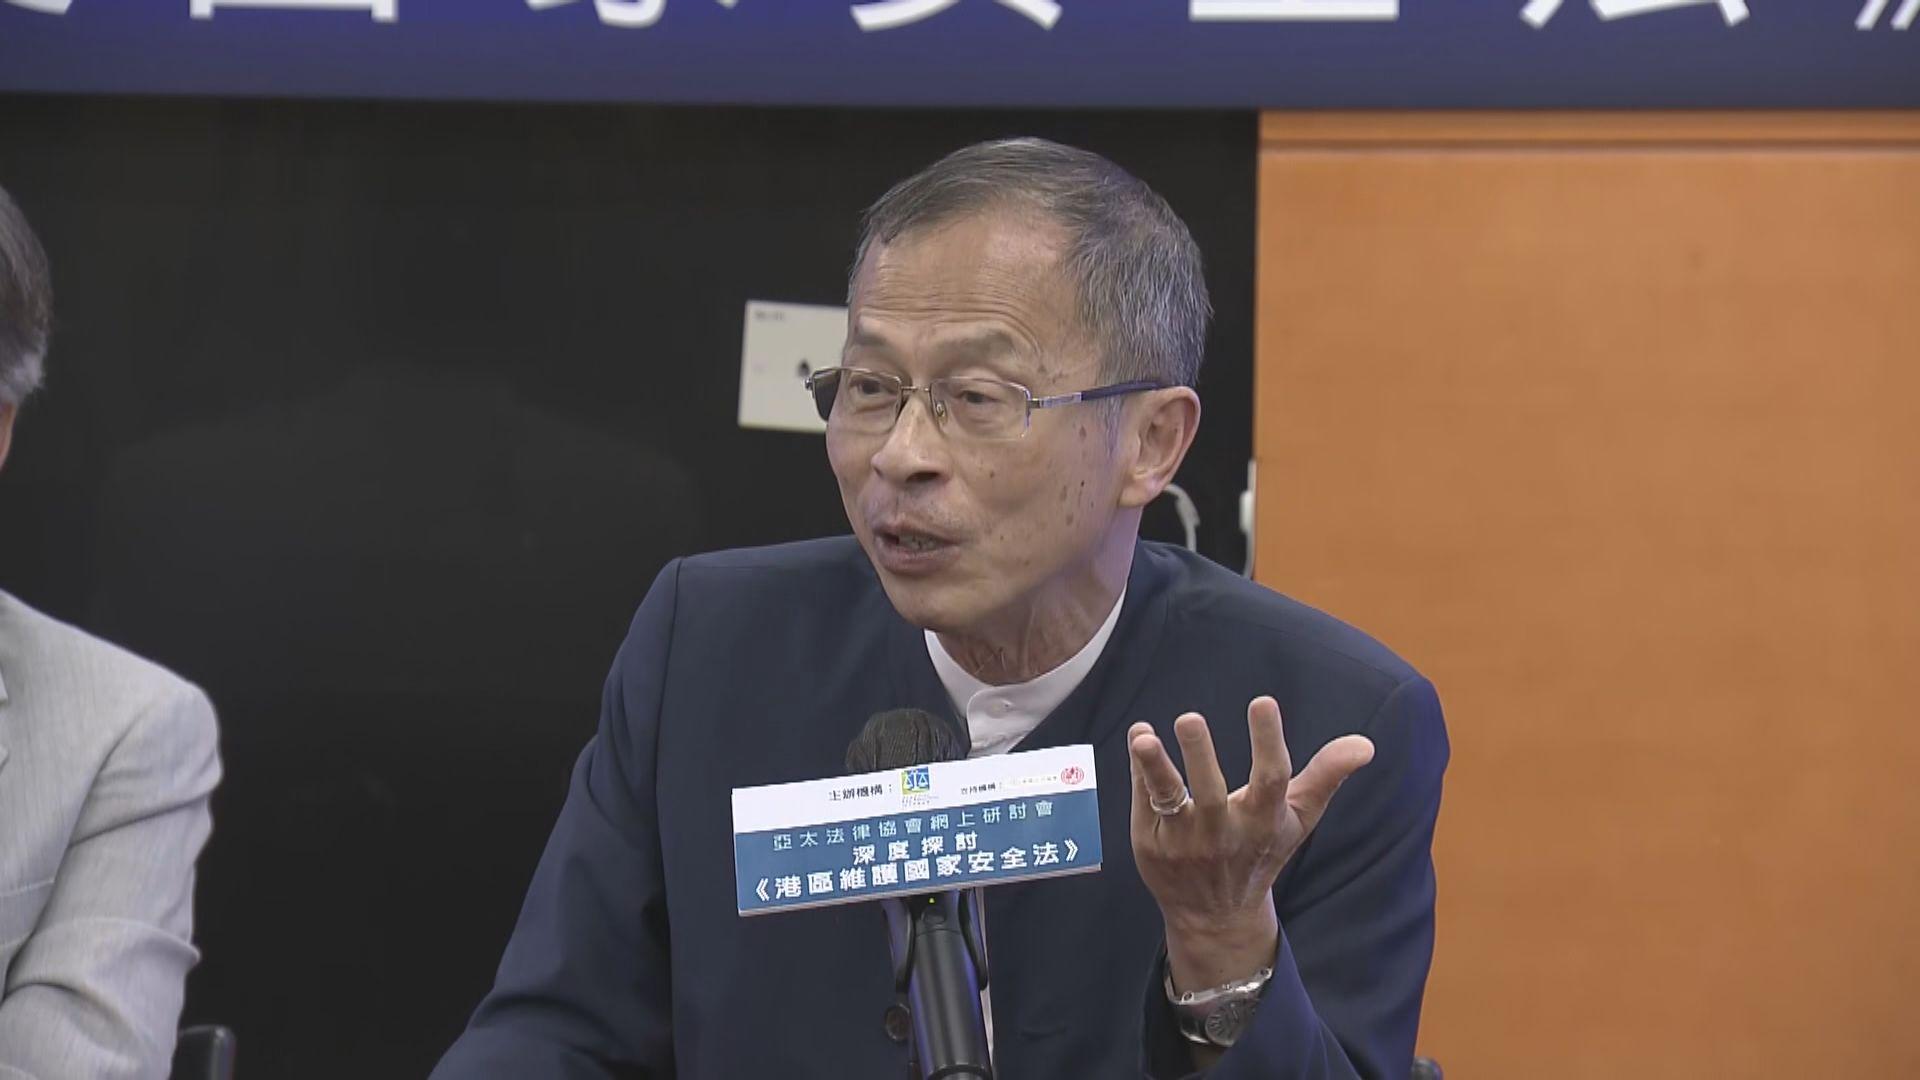 曾鈺成:港區國安法是為應對外國勢力干預